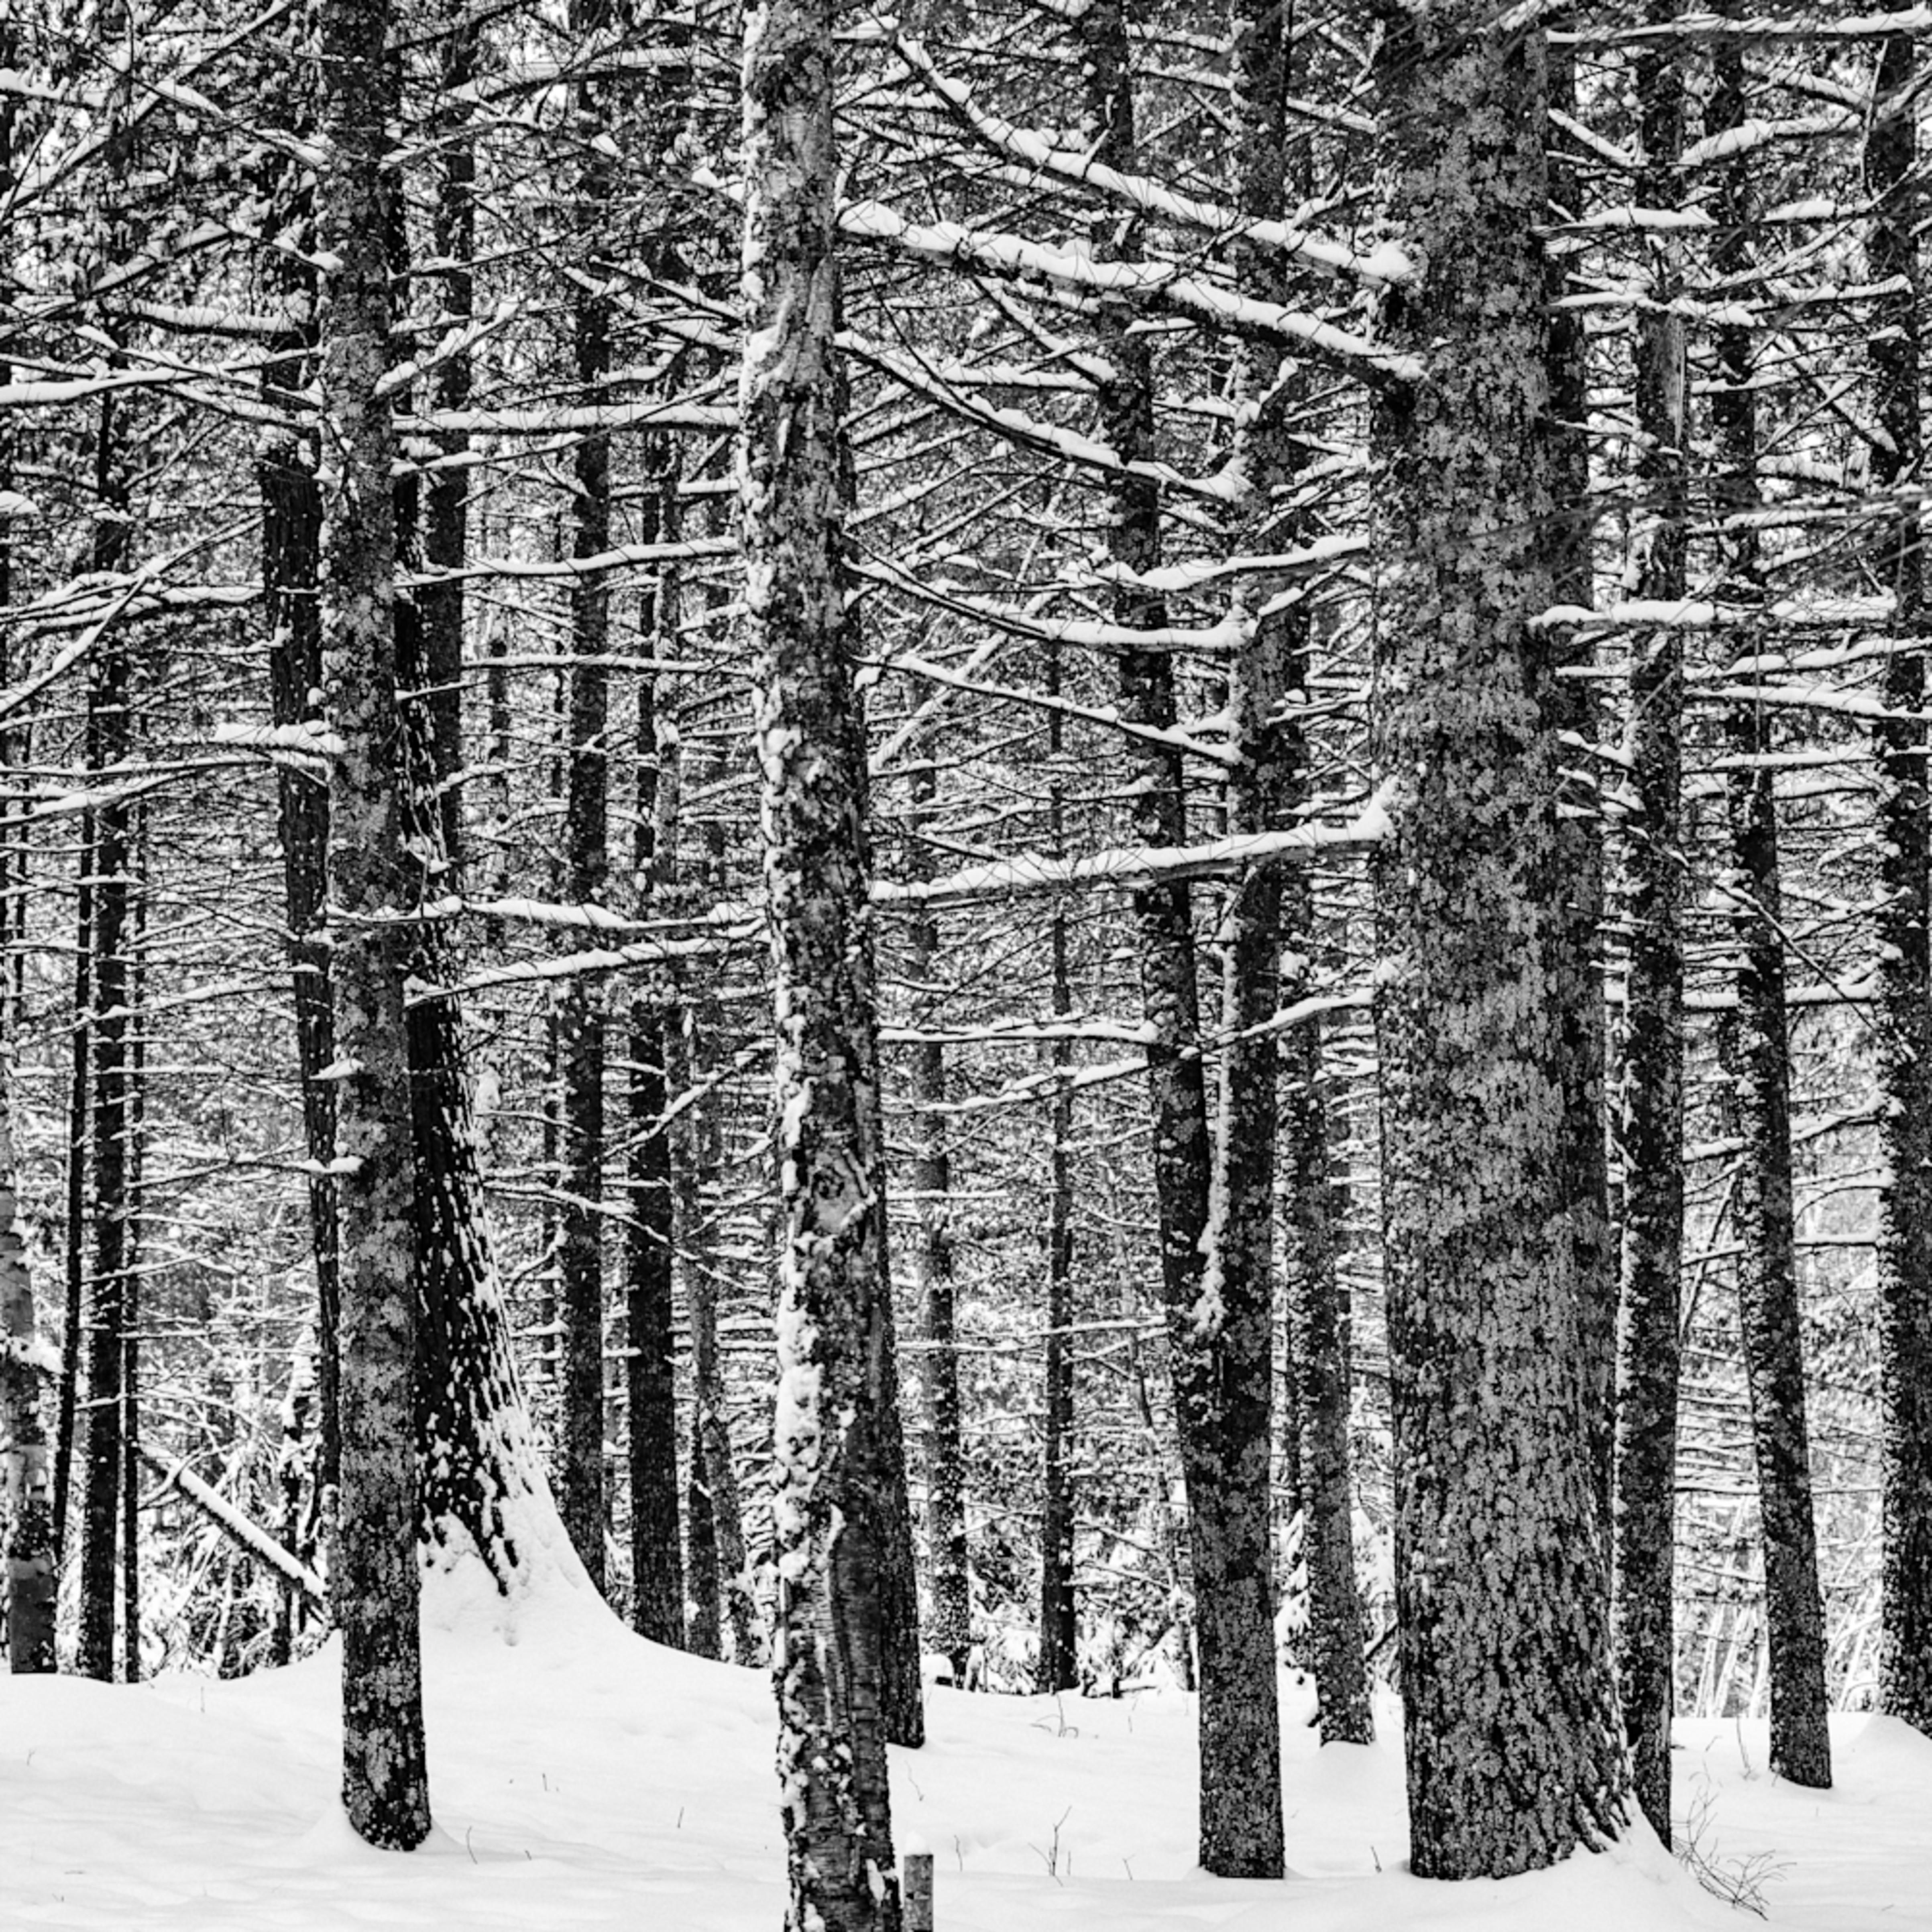 Winter pines petite lake i nbgeoy